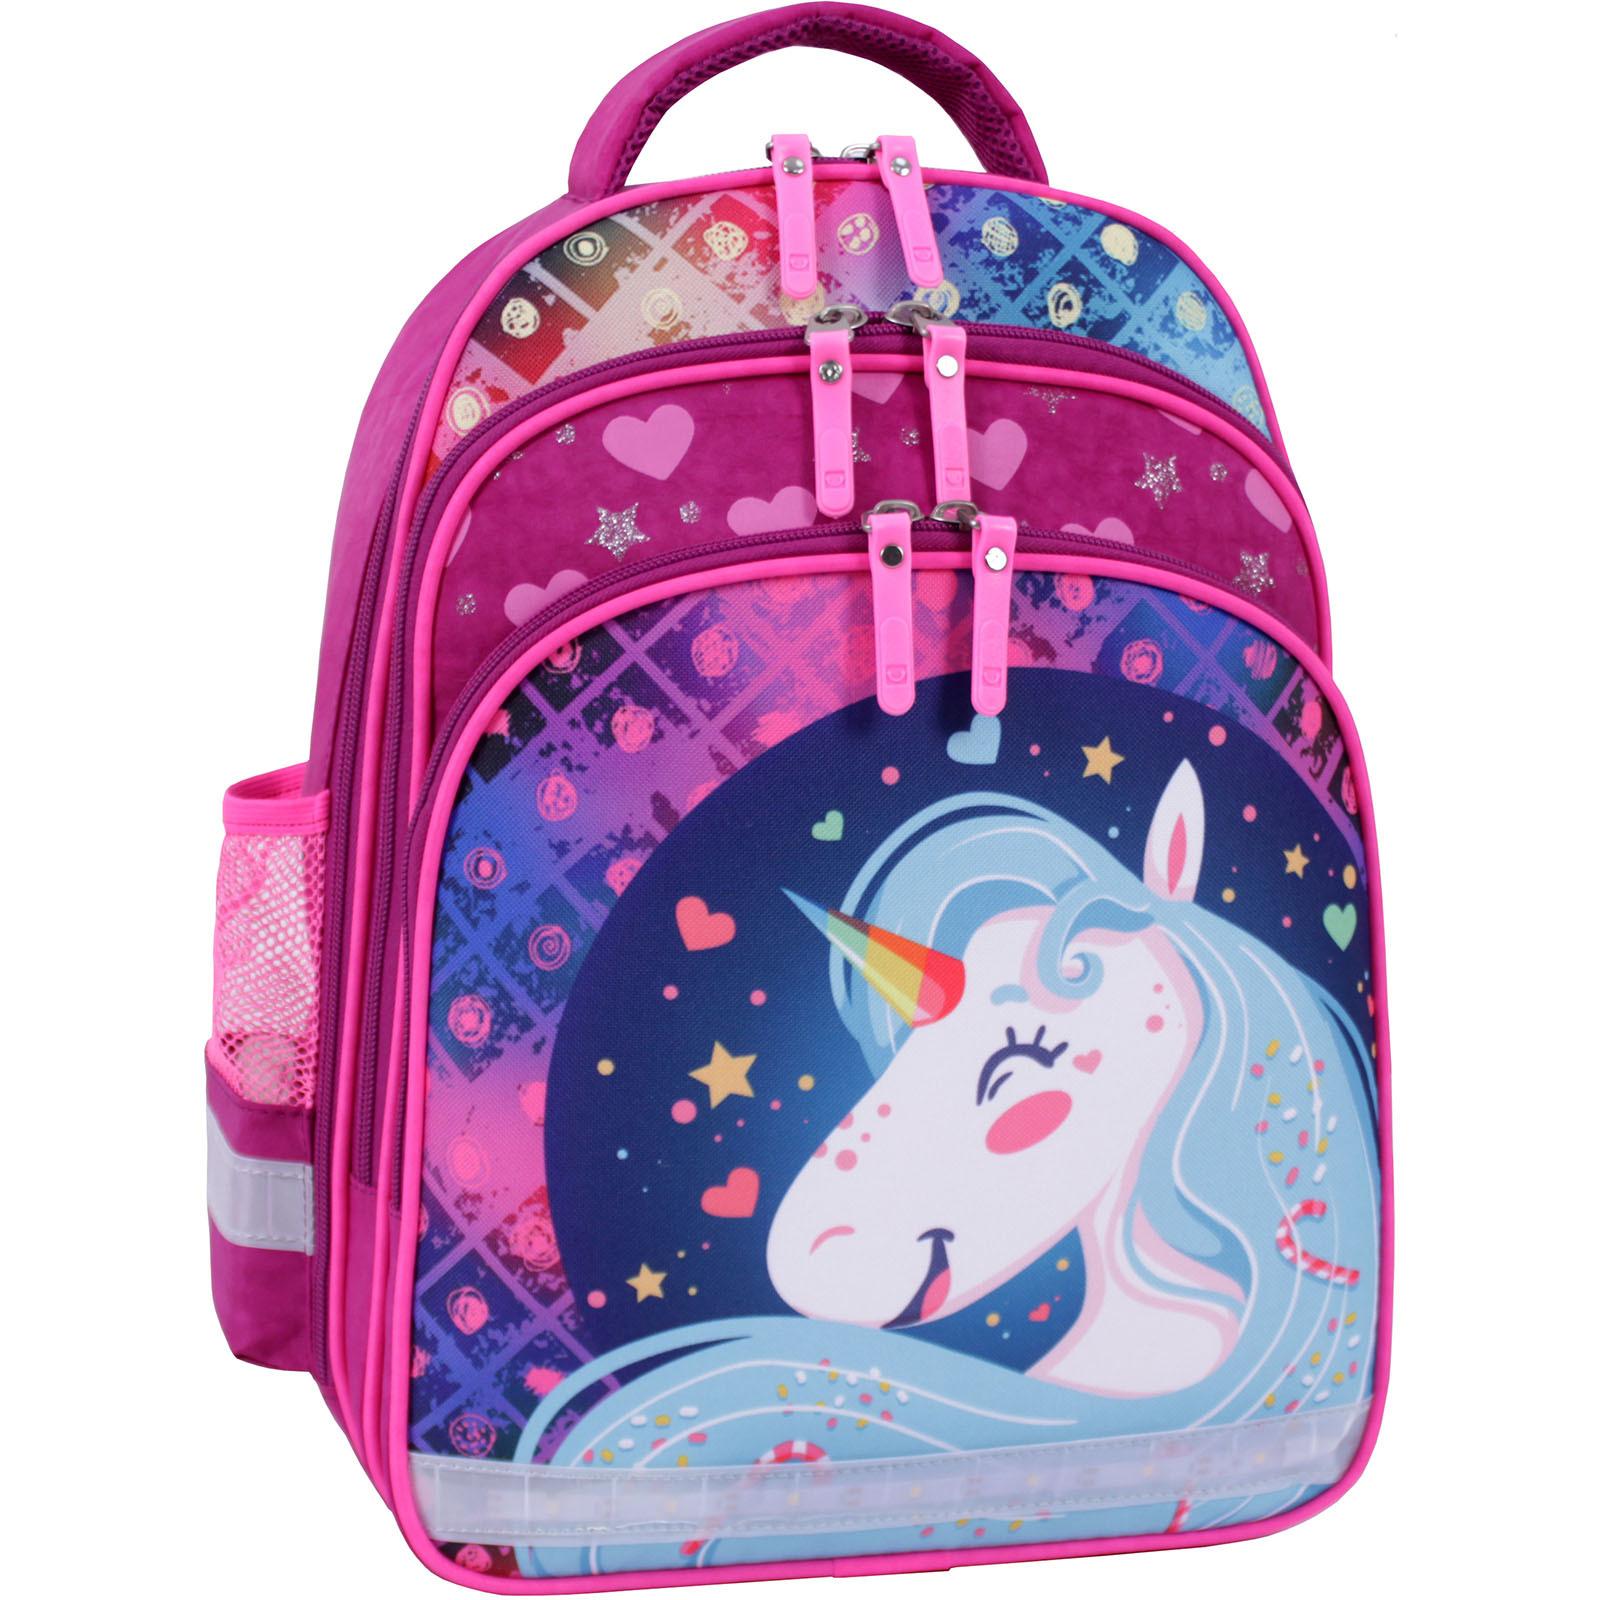 Для детей Рюкзак школьный Bagland Mouse 143 фиолетовый 504 (00513702) IMG_2449_ceб.504_.JPG